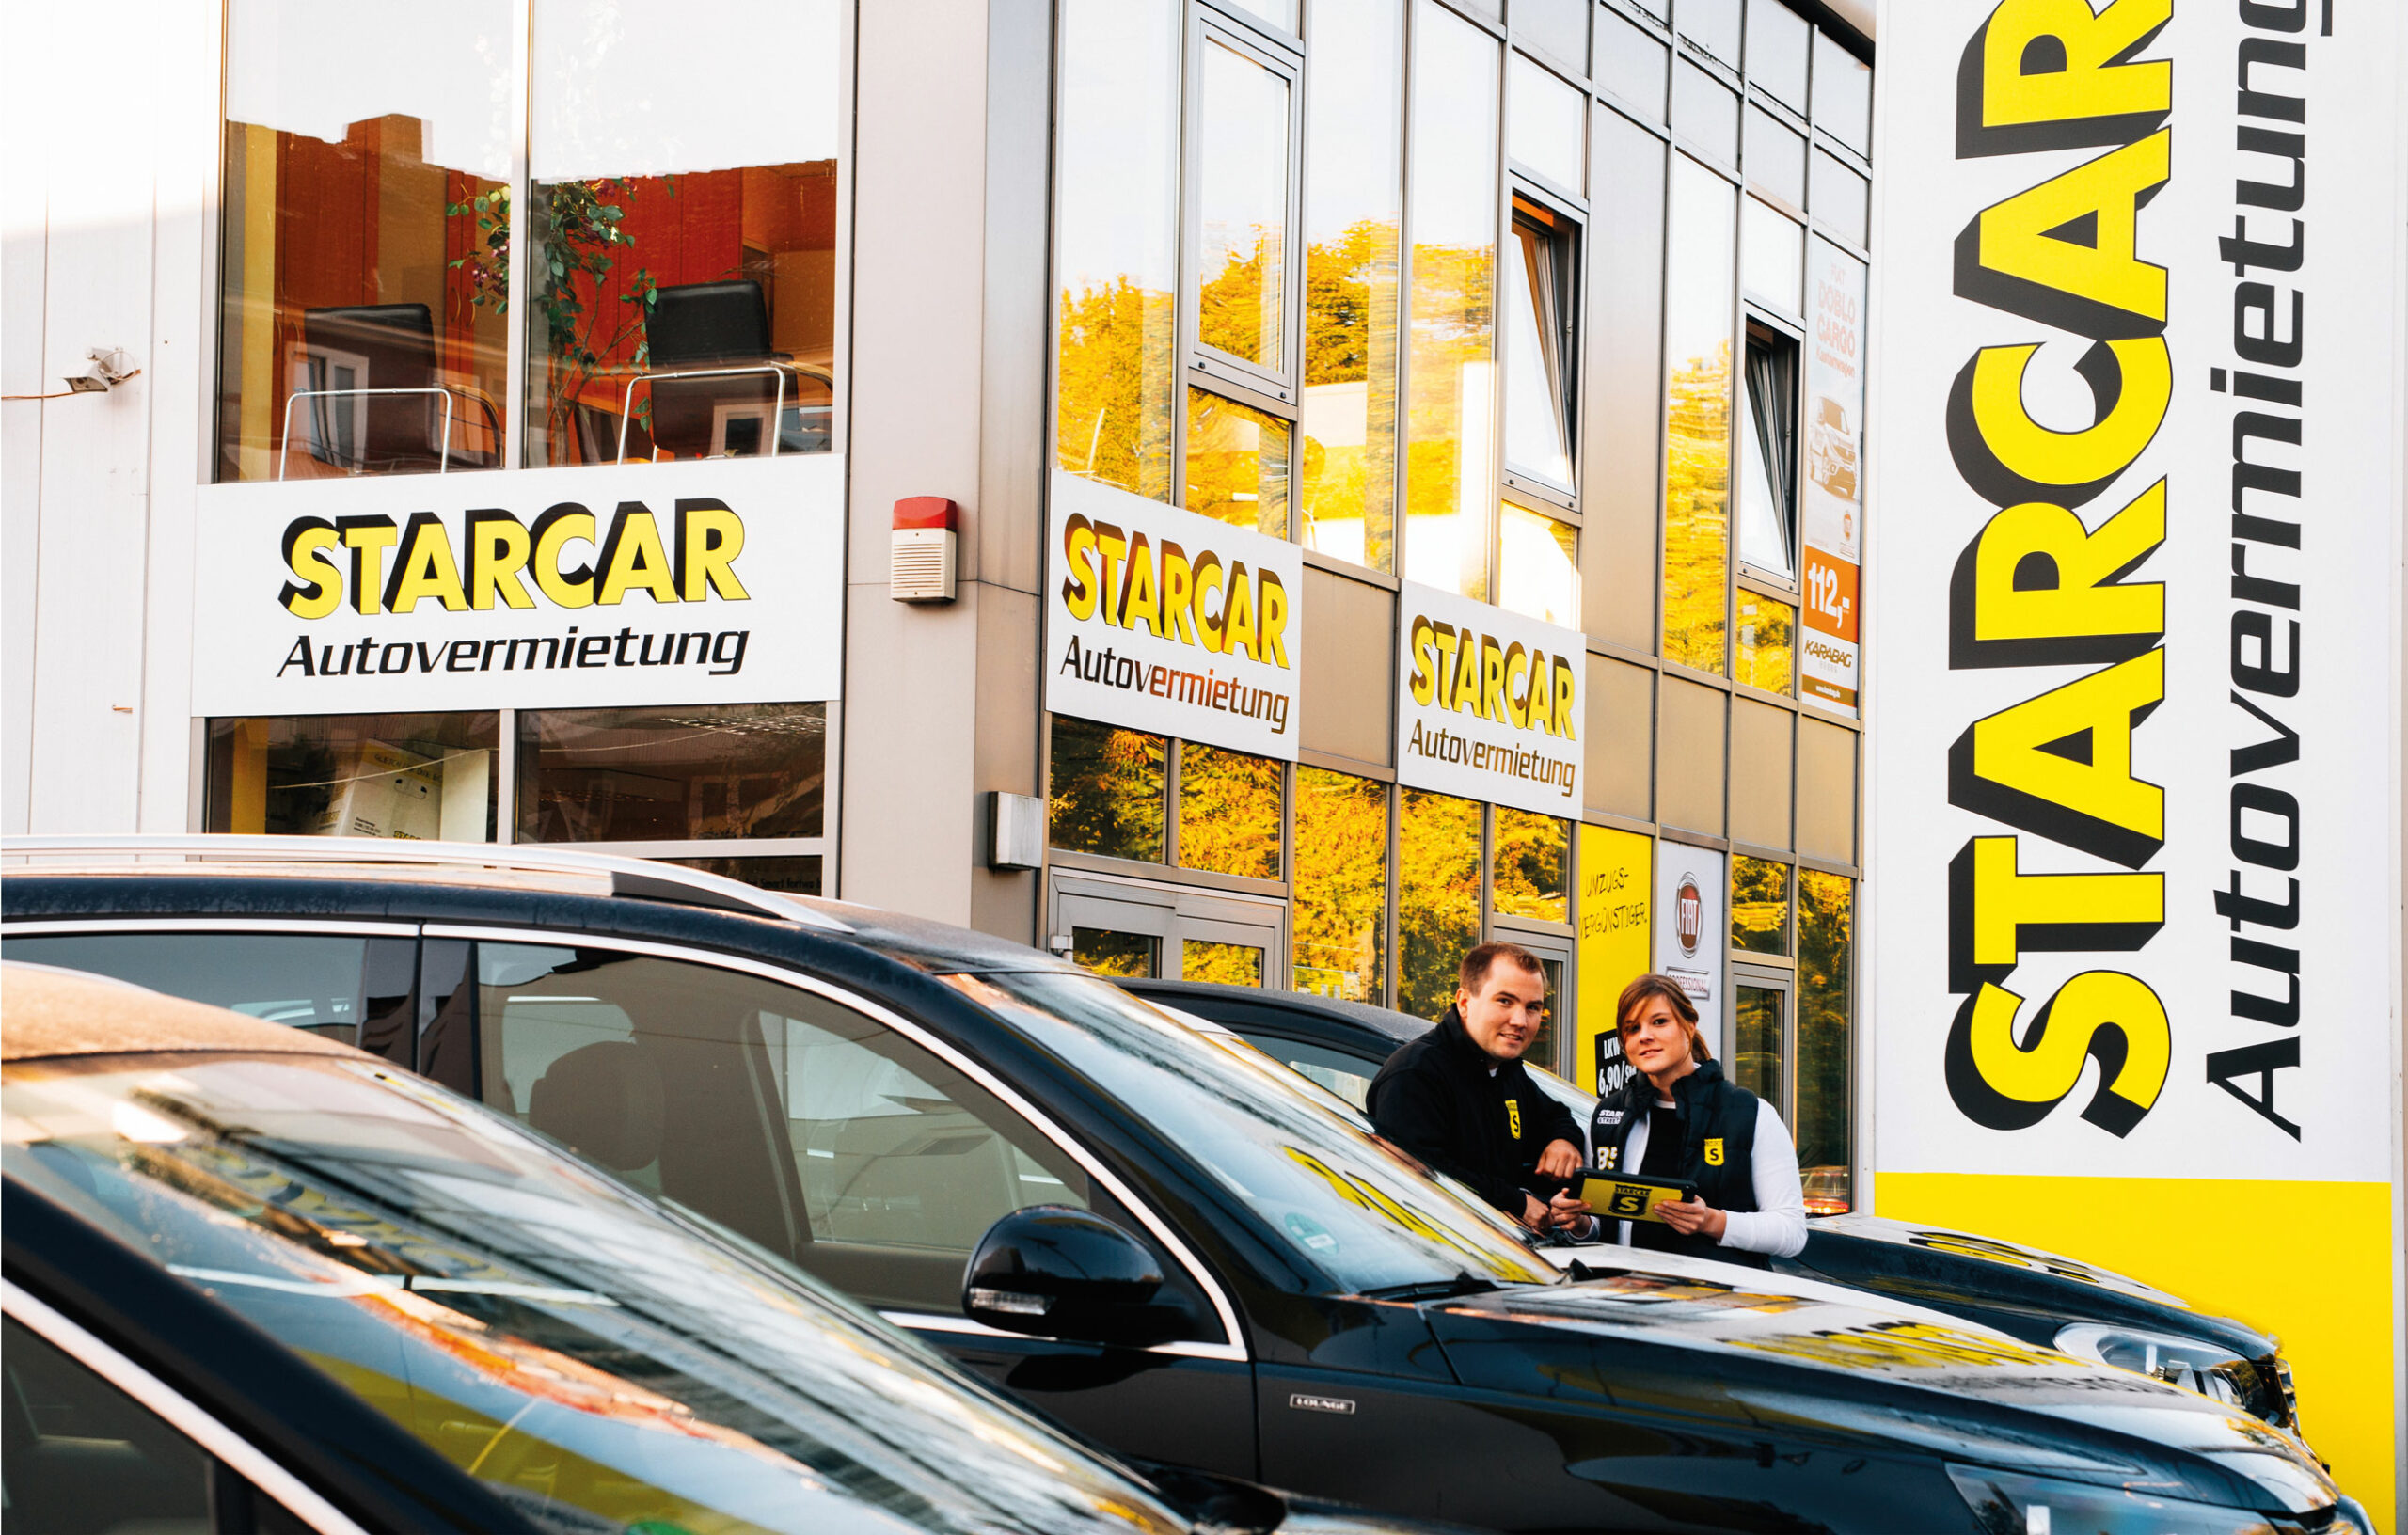 STARCAR Keyvisual. Zwei Mitarbeiter von Starcar vor einem Autovermietungsgebäude von STARCAR mit Fahrzeugen.